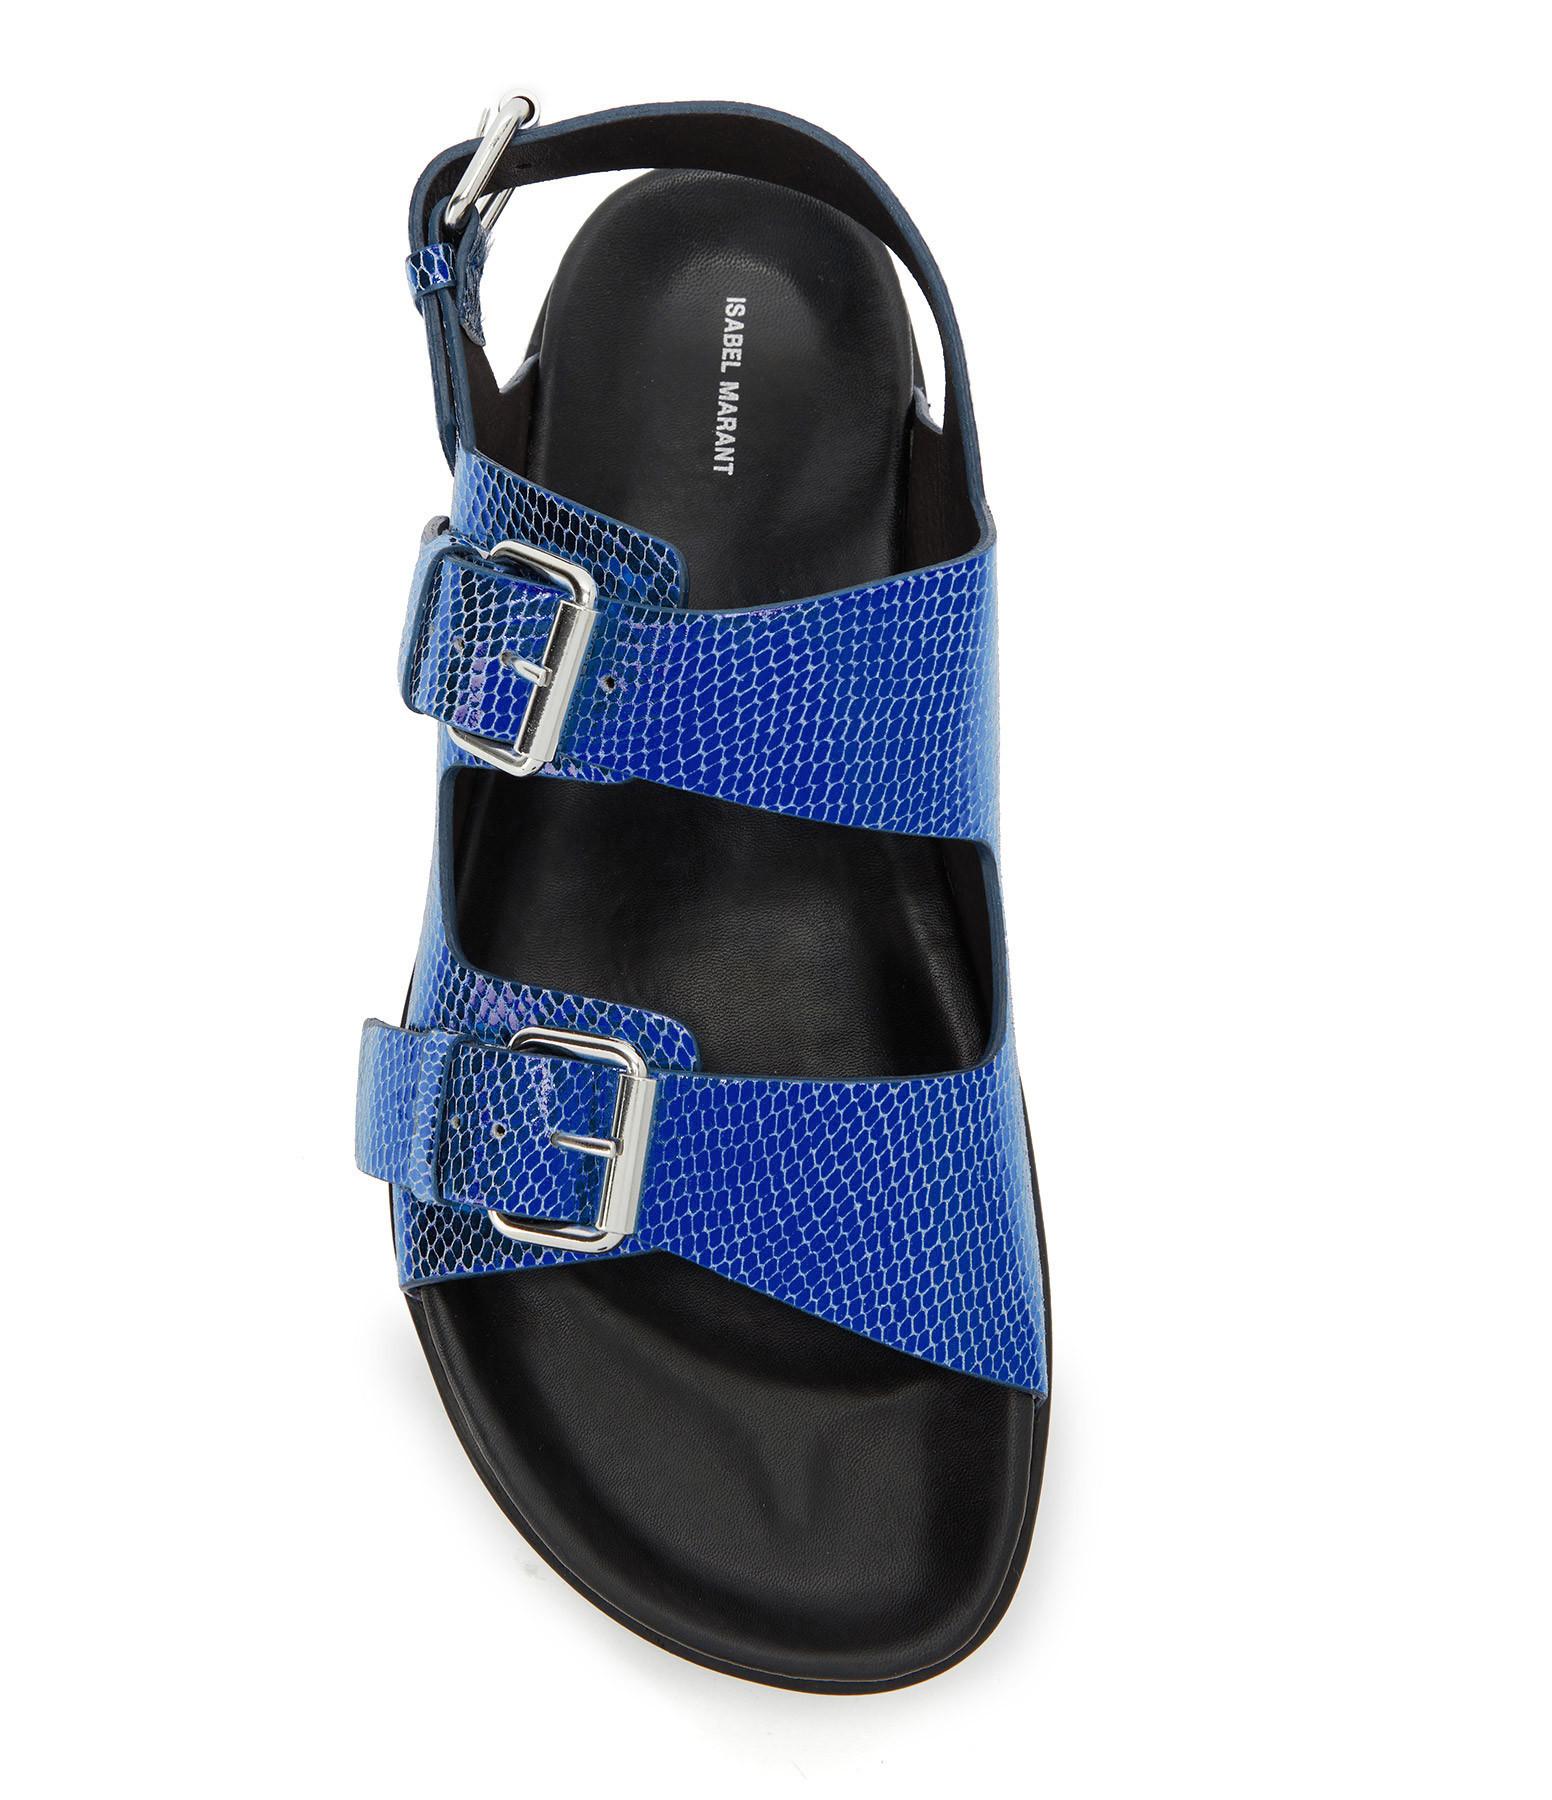 ISABEL MARANT - Sandales Ophie Bleu